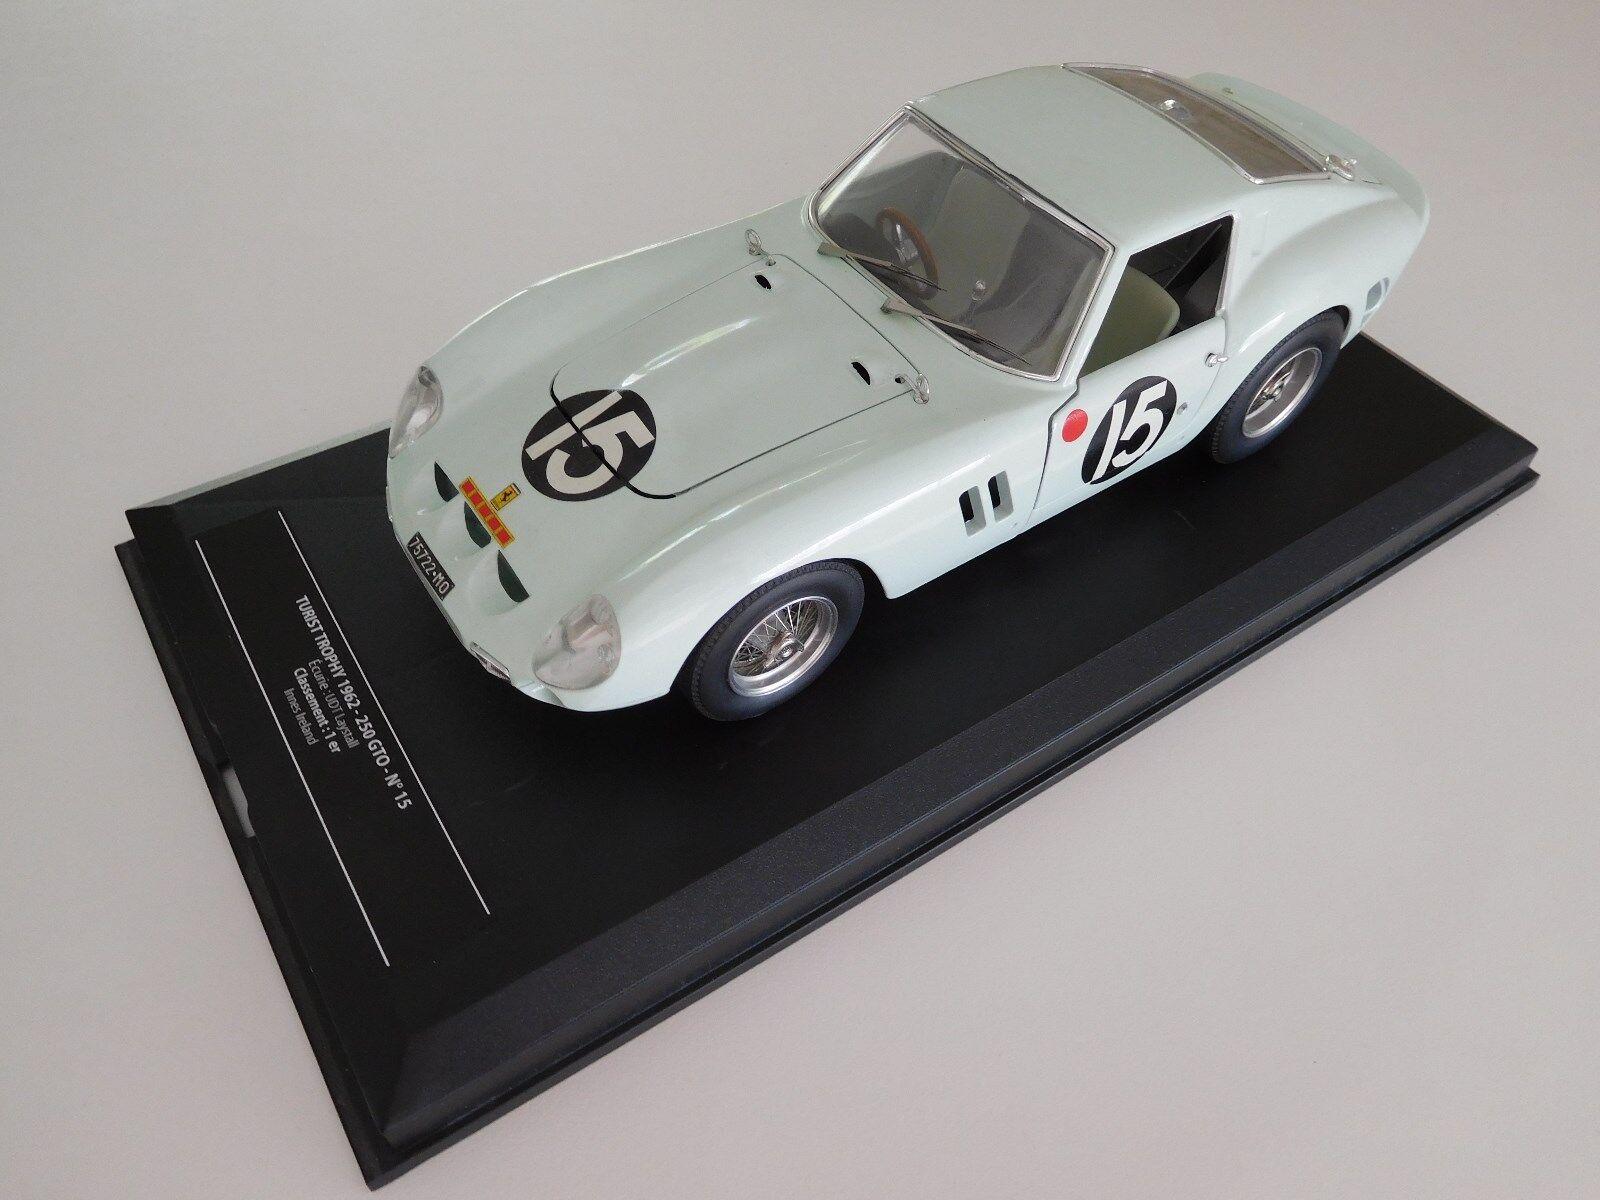 MAGNIFIQUE FERRARI  250 GTO TURIST TROPHY 1962 LE MANS  15 1 18